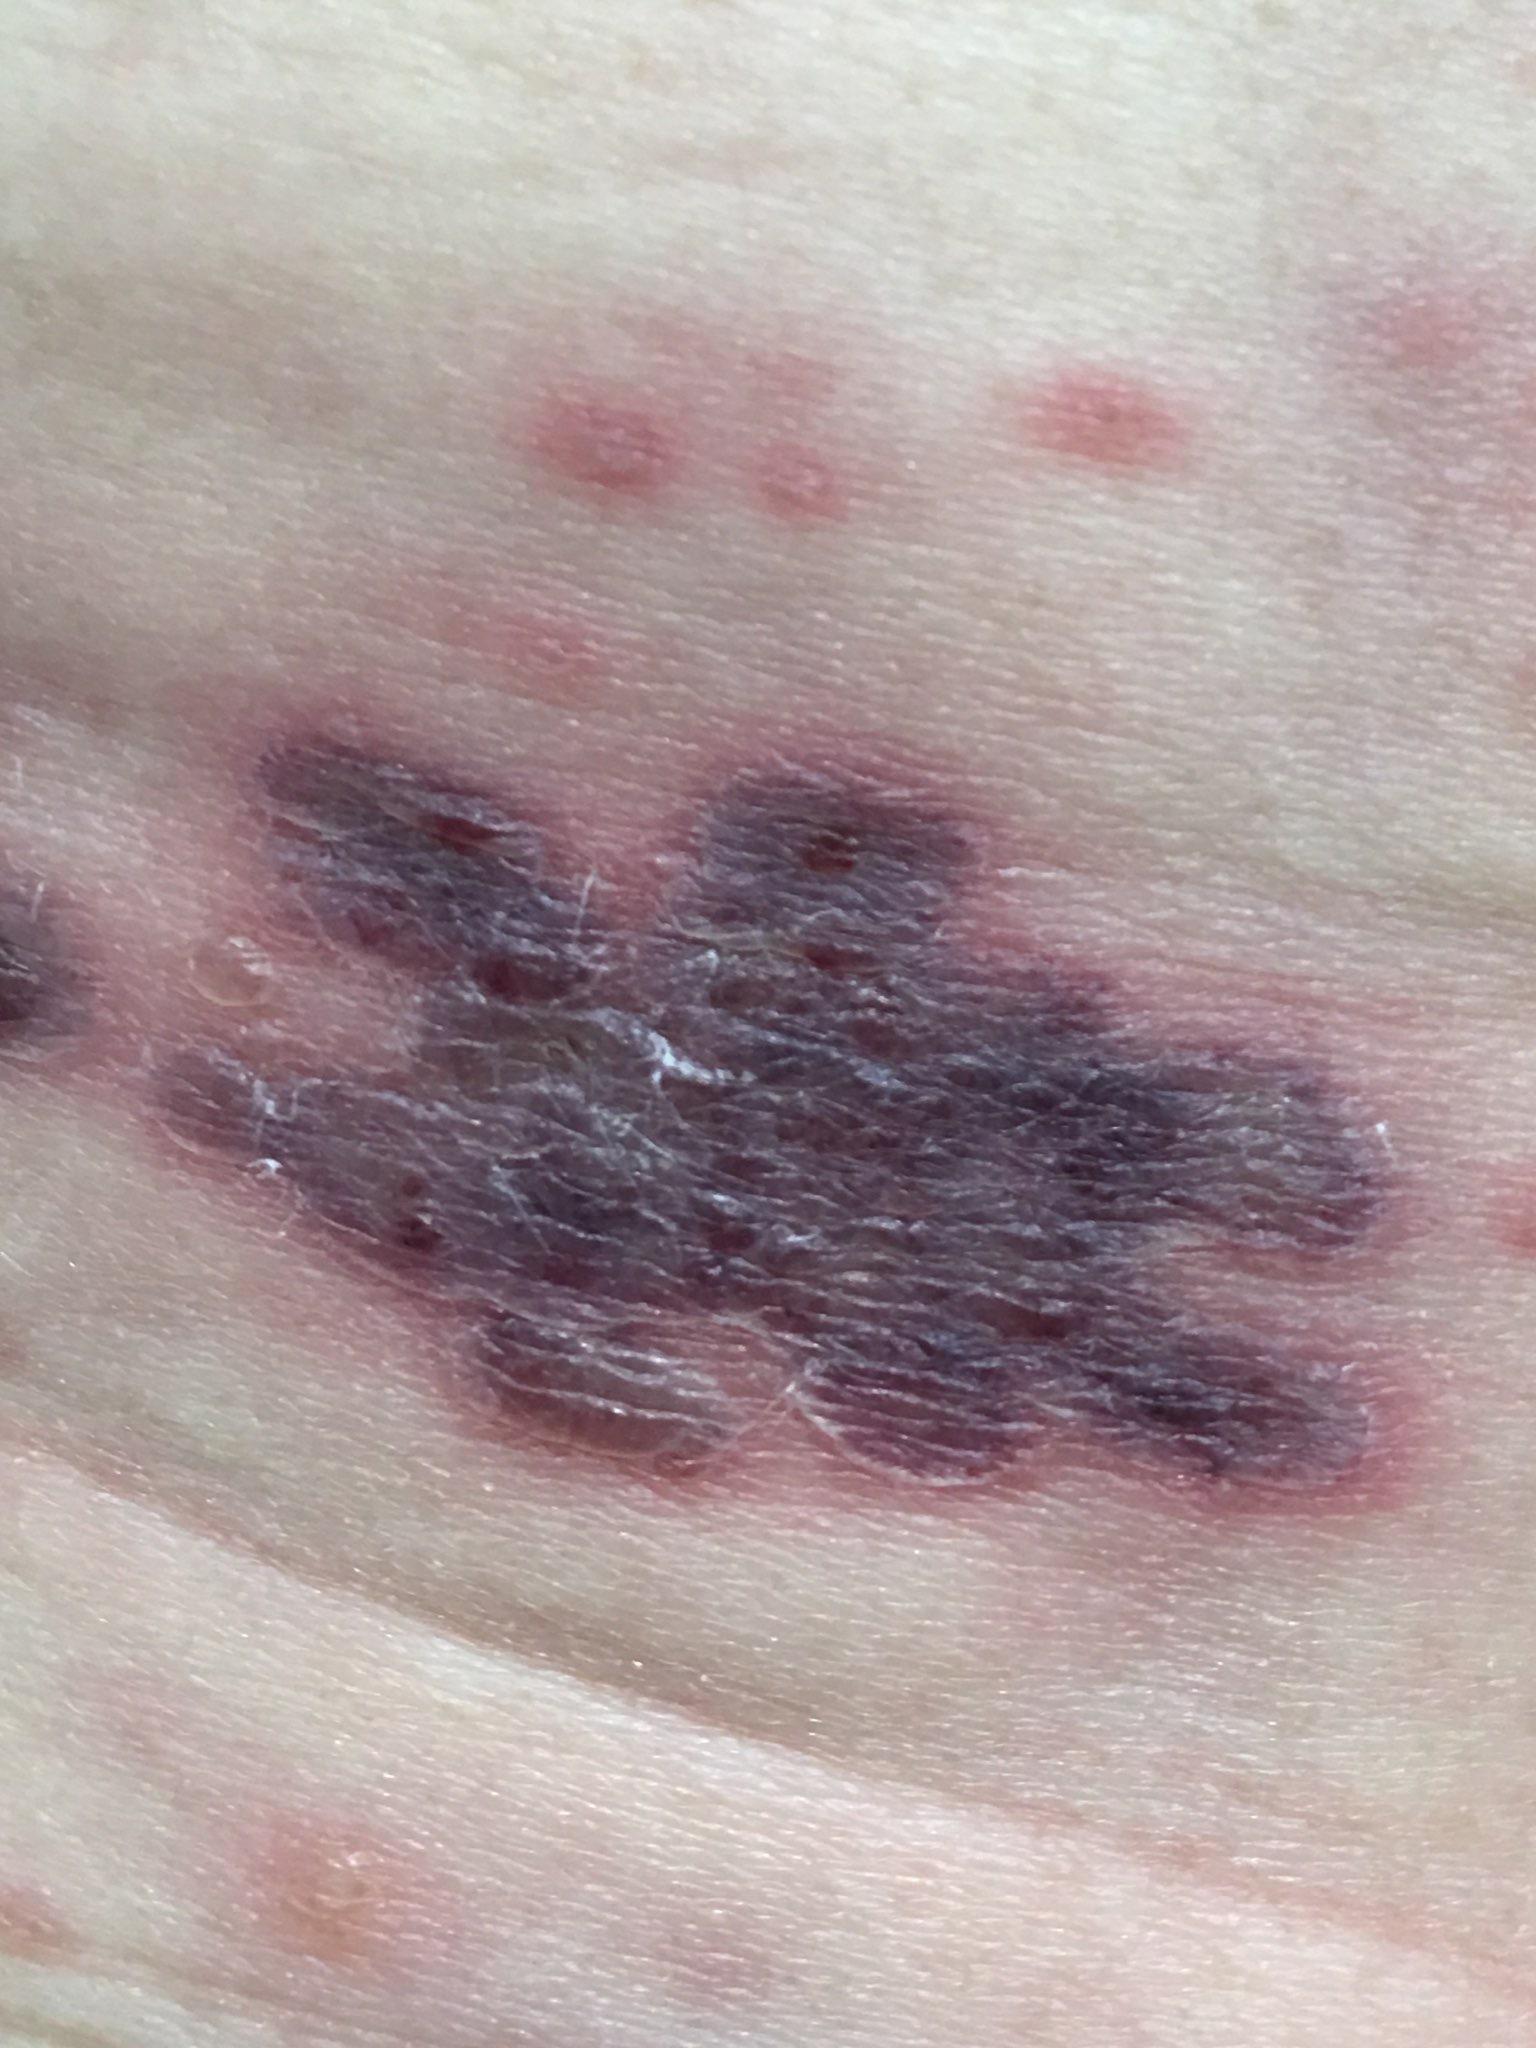 わきばらのひどい帯状疱疹(たいじょうほうしん)